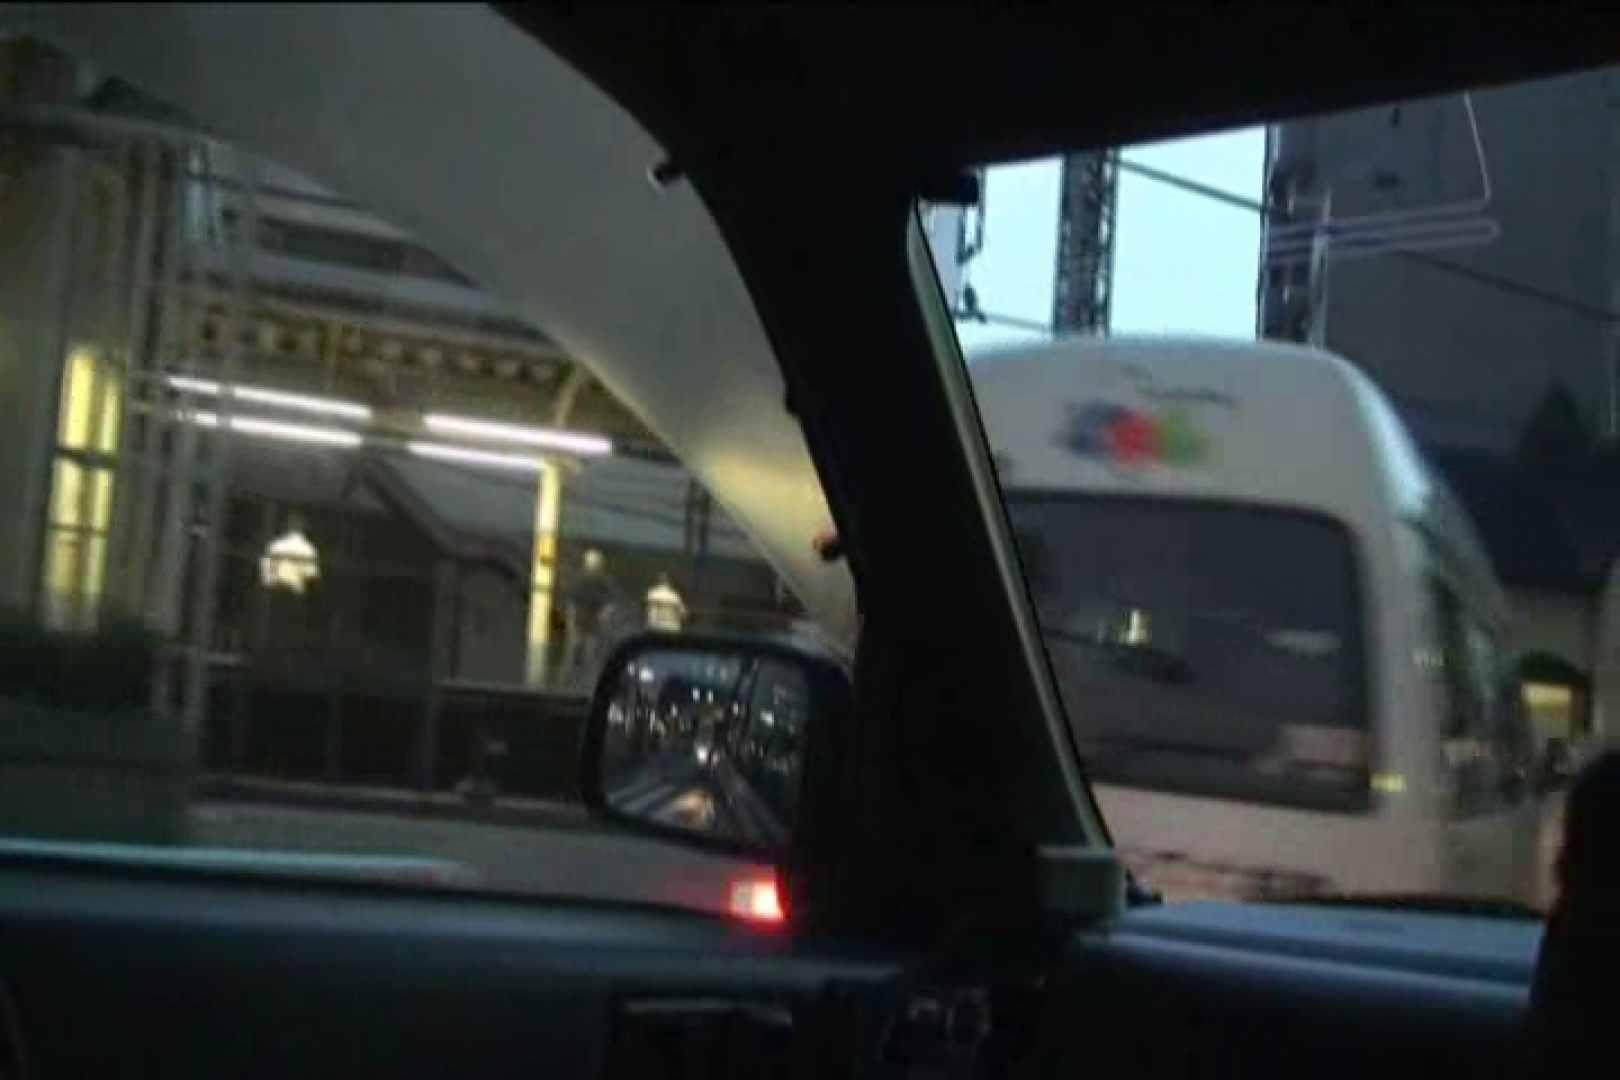 車内で初めまして! vol01 盗撮シリーズ オメコ無修正動画無料 102PIX 2